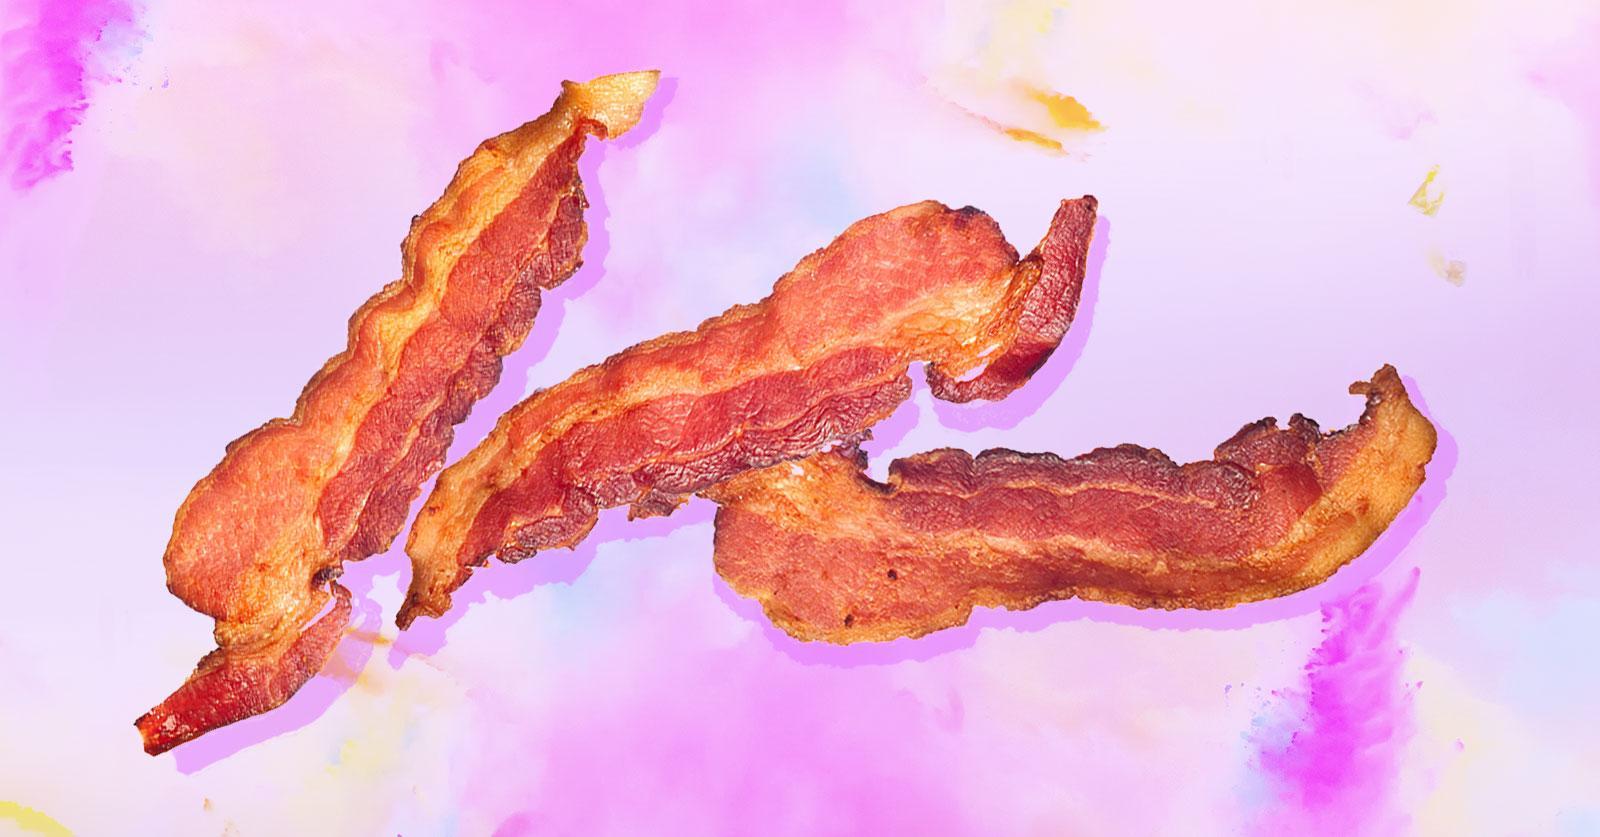 baconfest-1495206701648.jpg